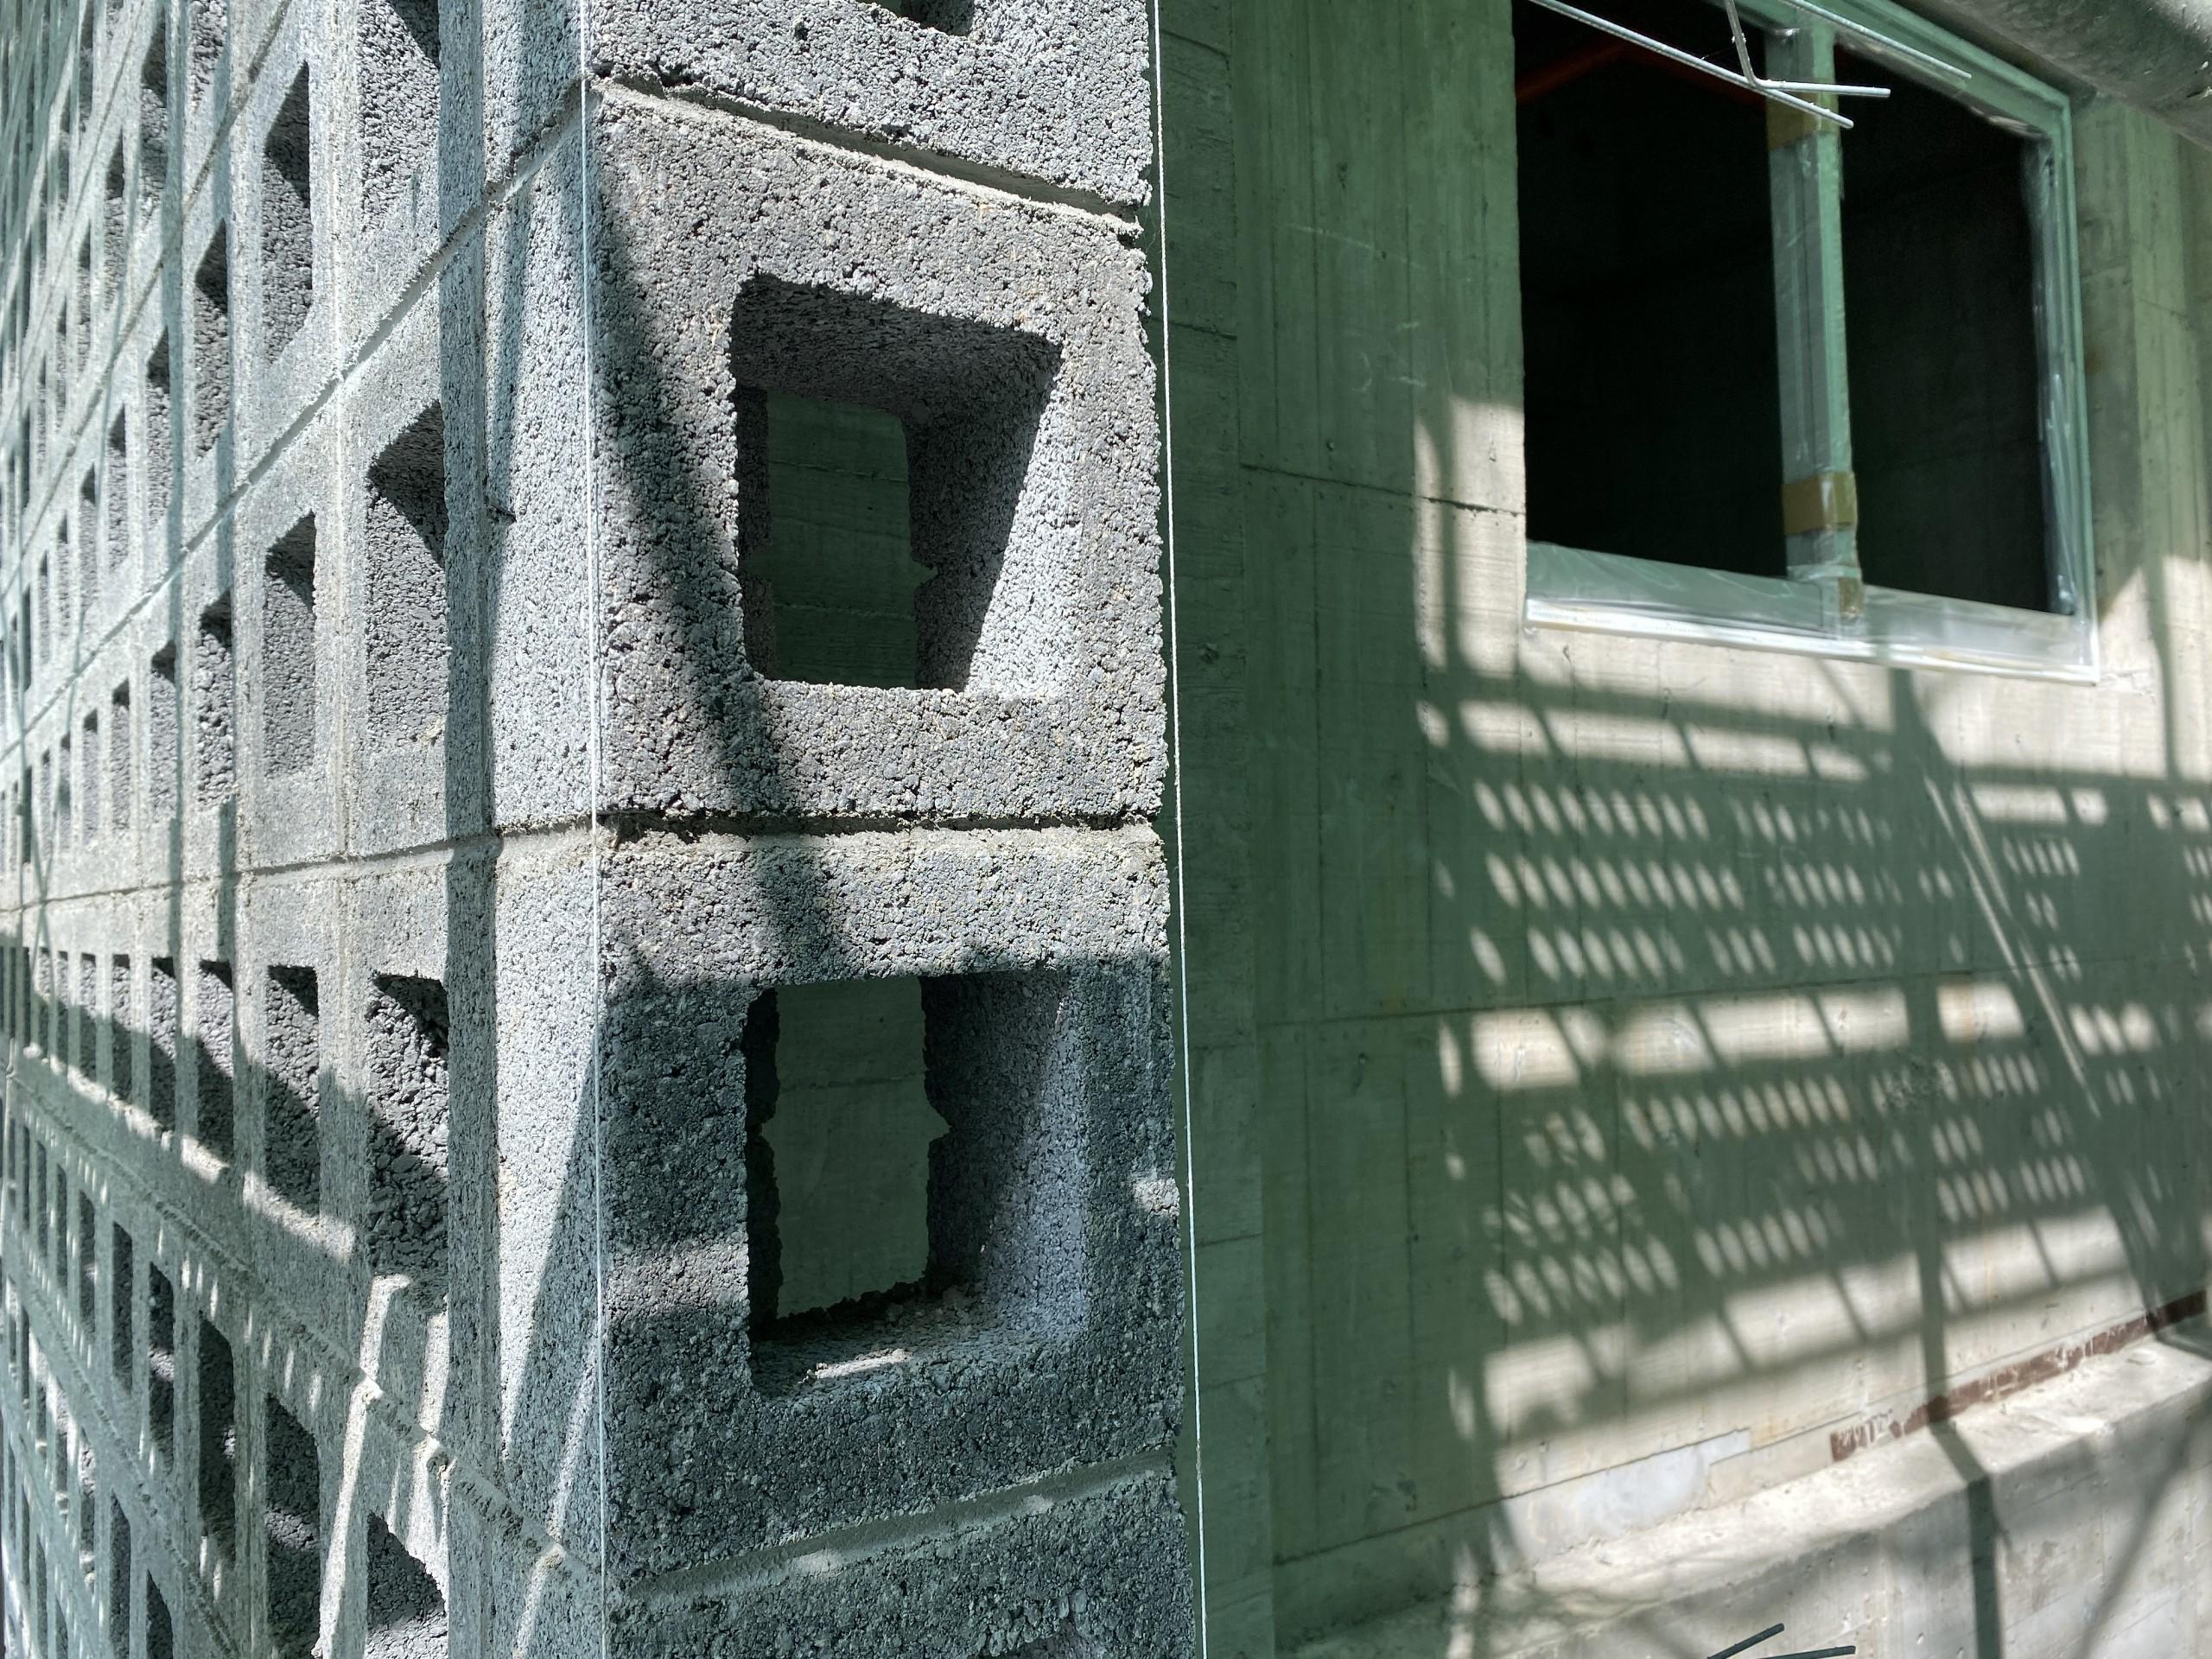 德築-DEZU-project-Zutian-architecture-real-estate-engineering-hollow-brick-6